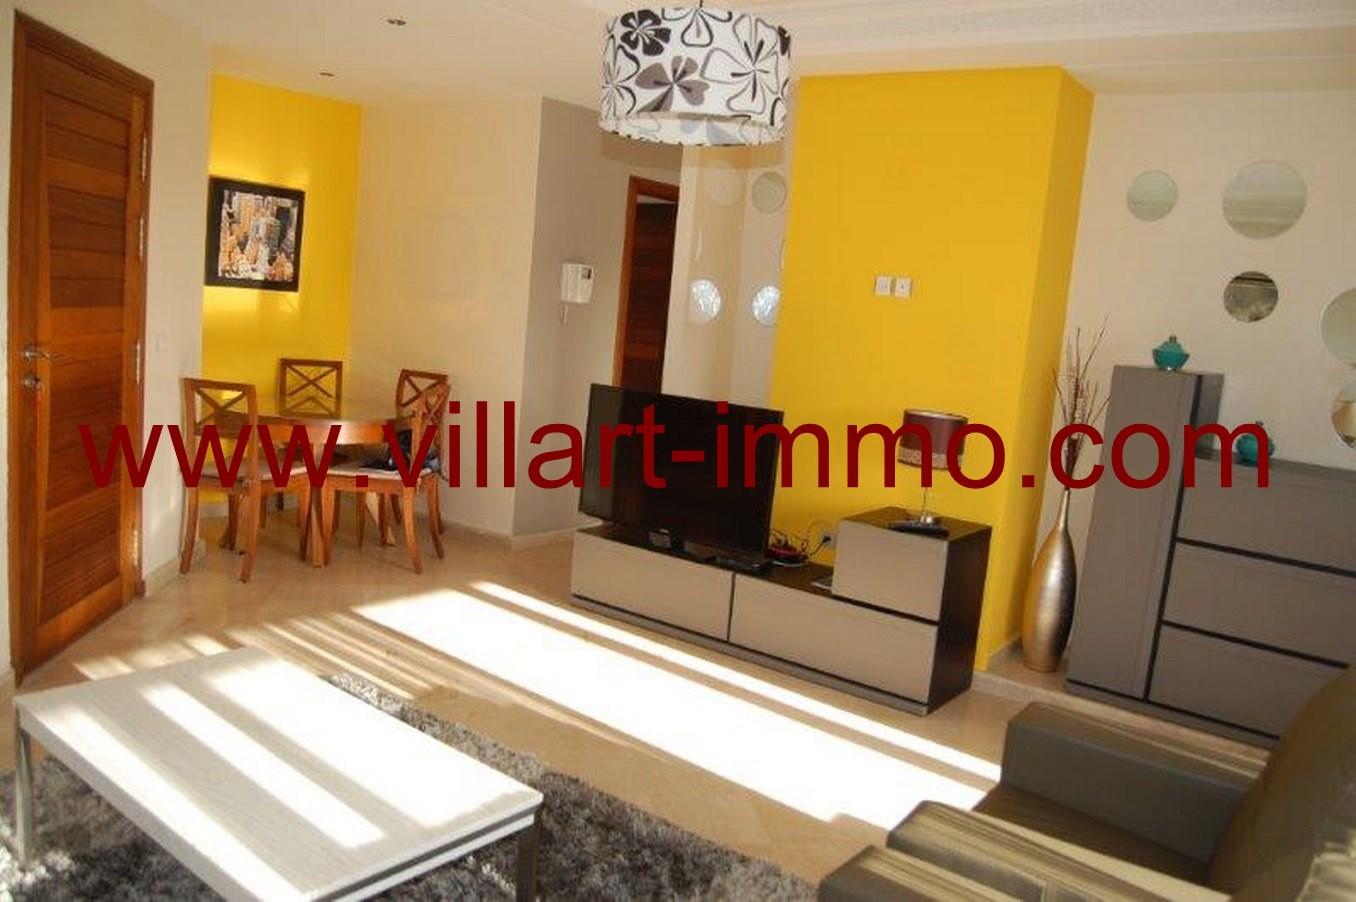 1-Location-Tanger-Appartement-Meublé-L622-Centre-Ville-Entrée